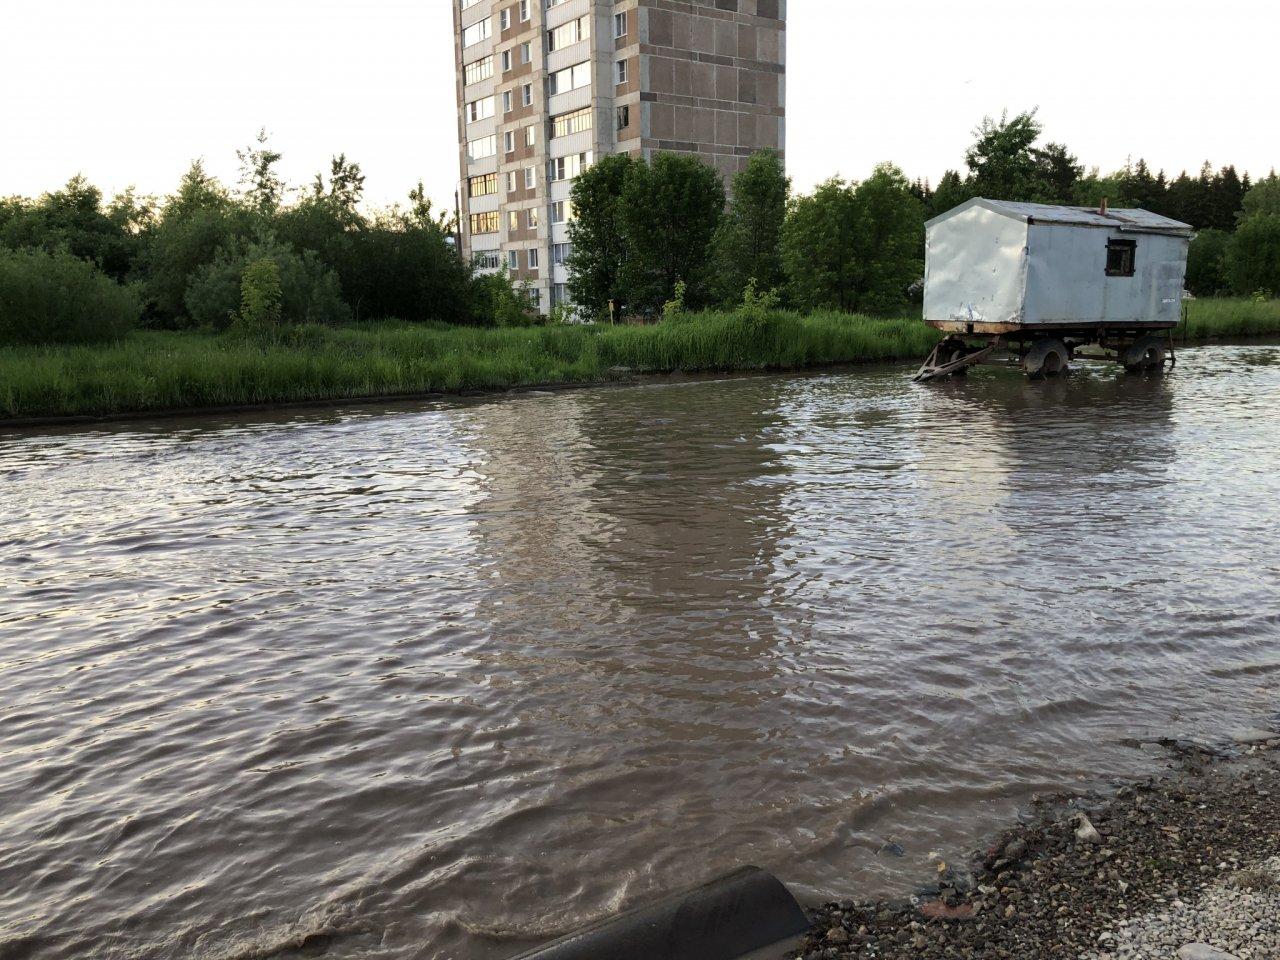 Чепецк стал единственным городом в регионе, сорвавшим сроки начала ремонта дорог